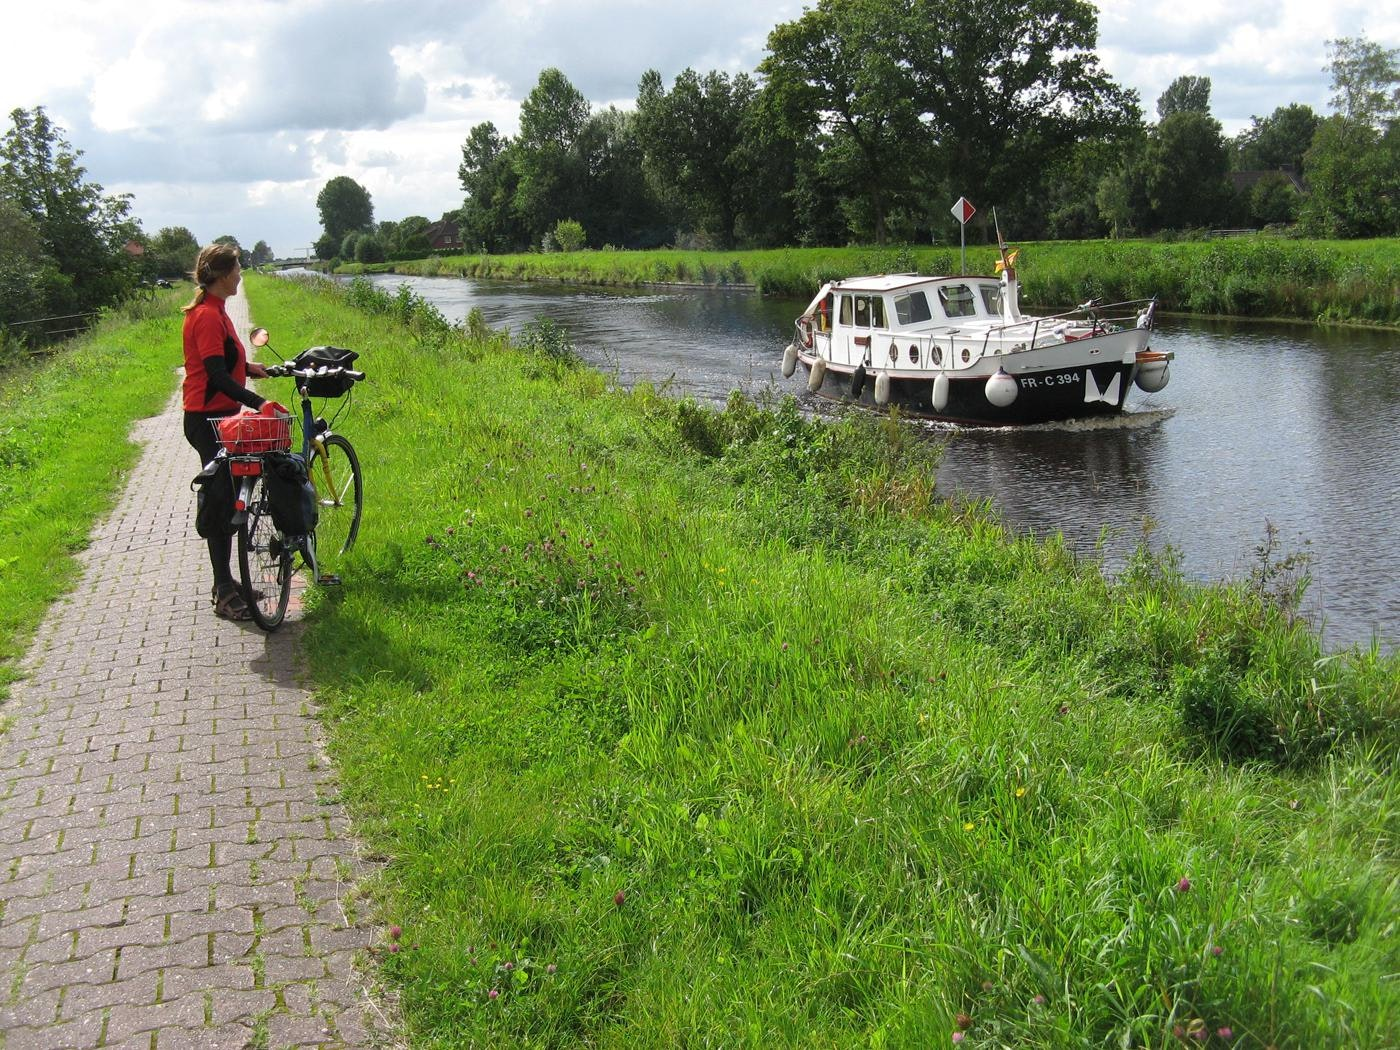 8-daagse fietsvakantie Oost-Friesland